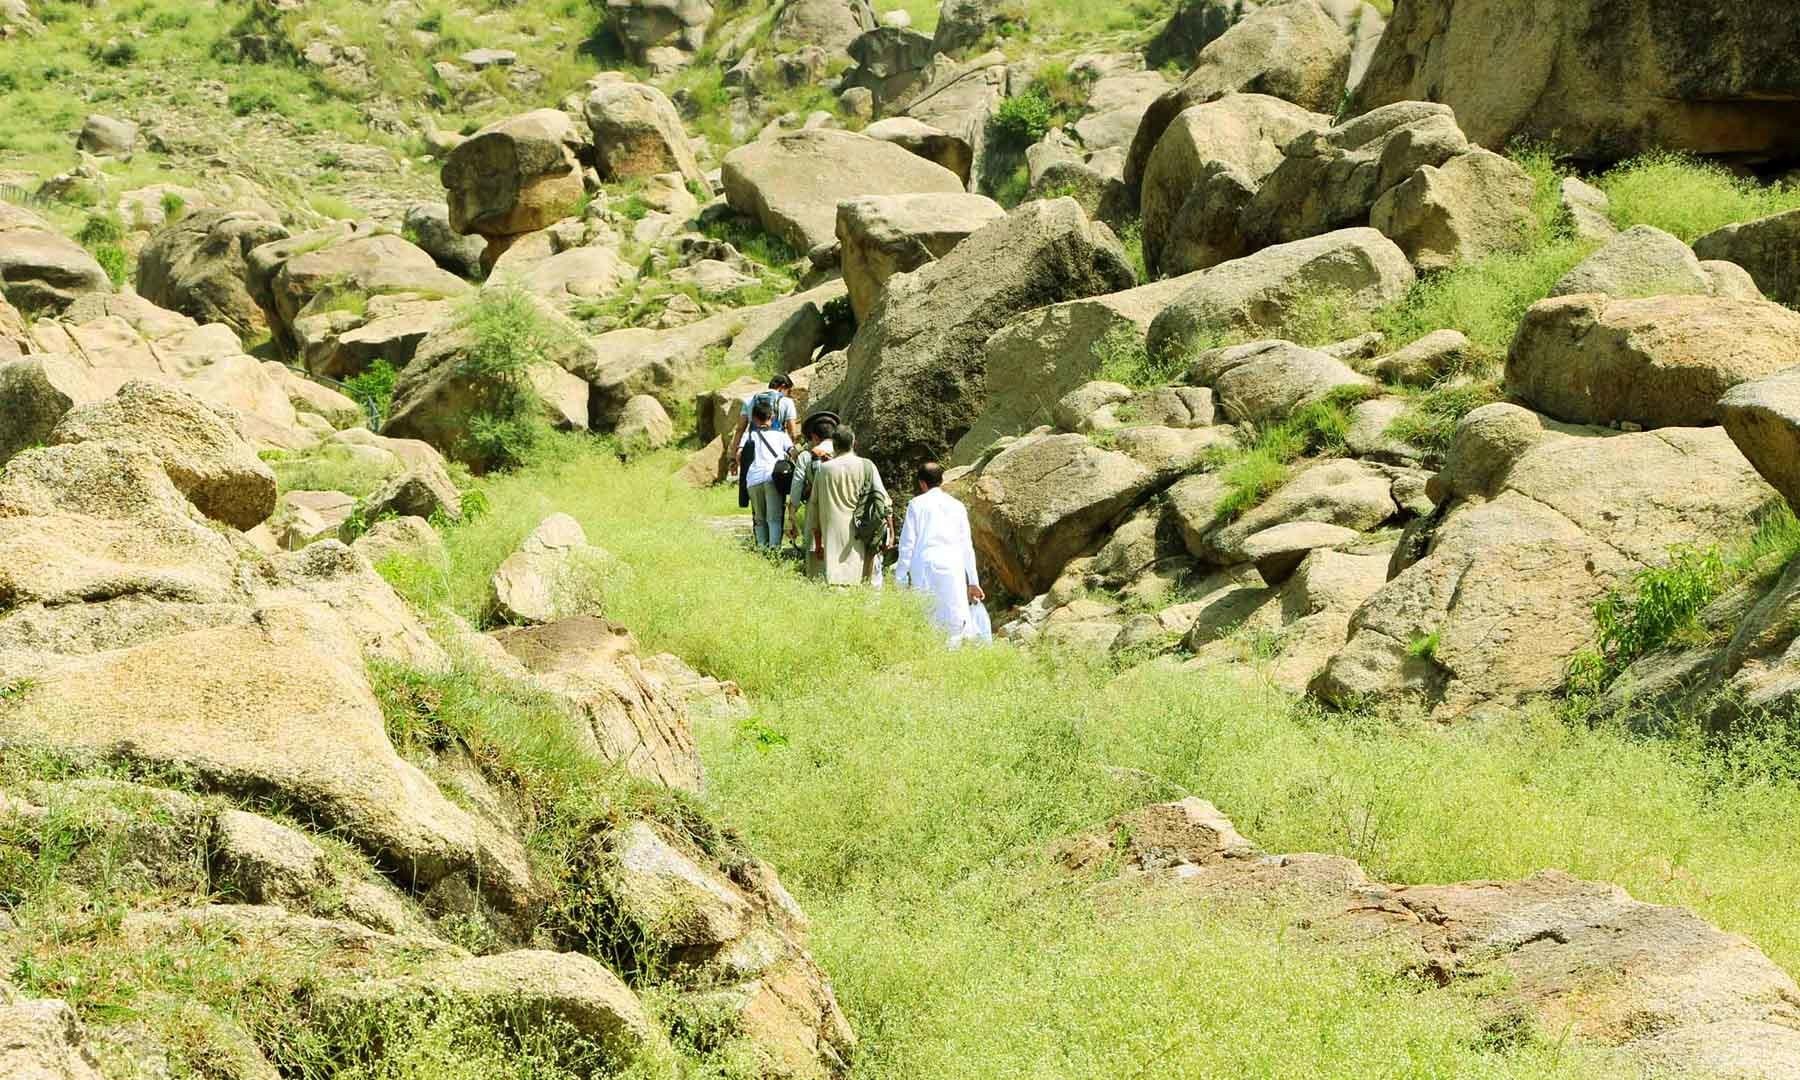 سیاح رانی گٹ آثار دیکھنے پہاڑی پر چڑھ رہے ہیں—امجد علی سحاب